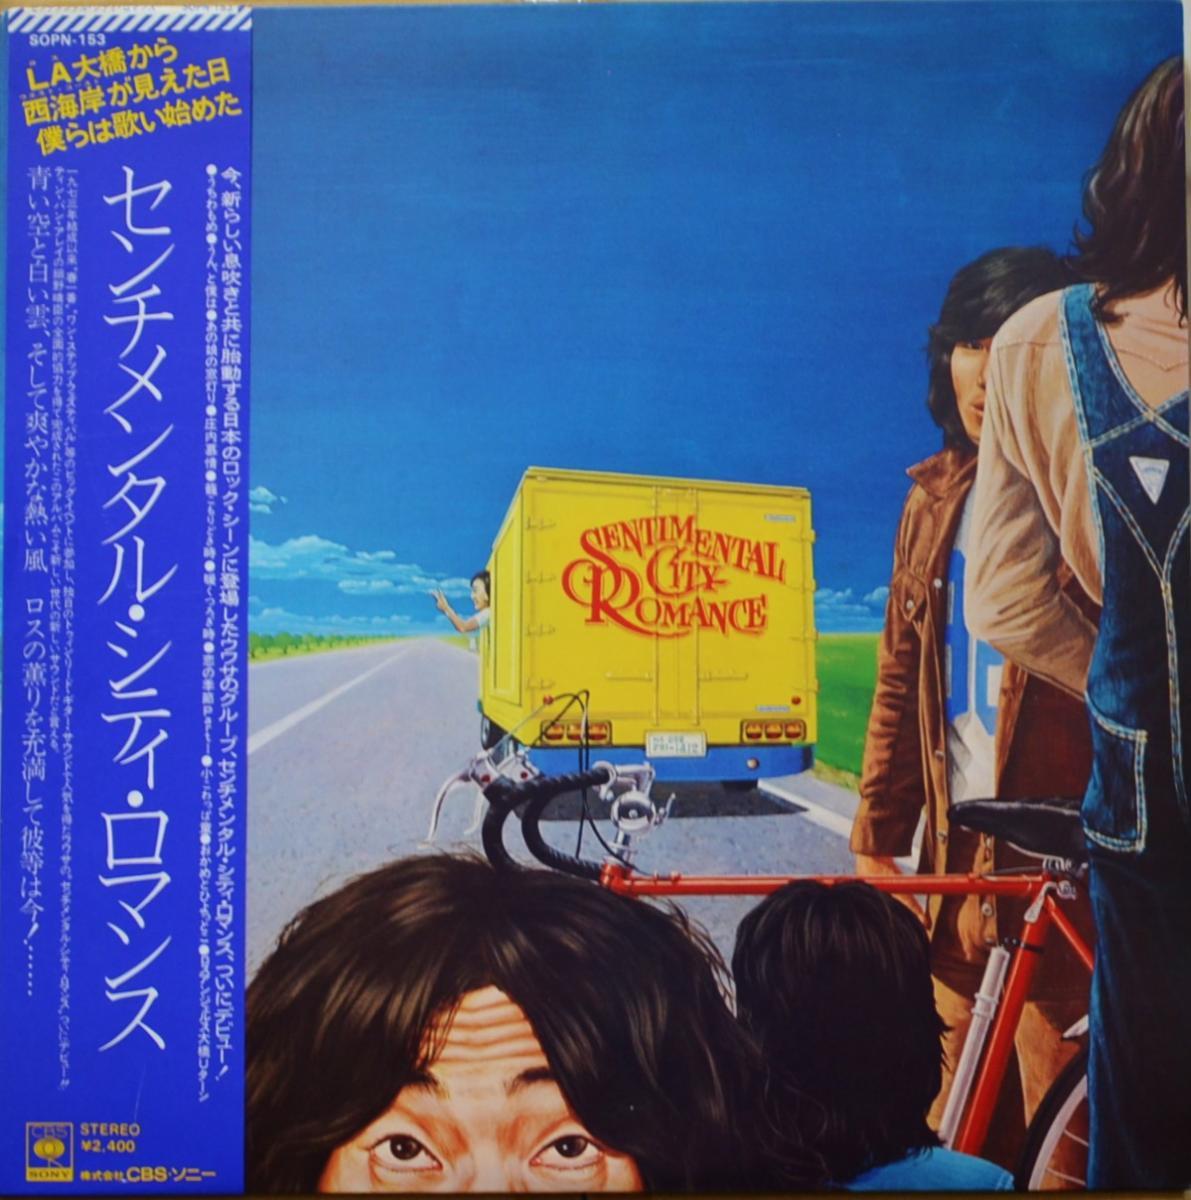 センチメンタル・シティ・ロマンス / SENTIMENTAL CITY ROMANCE (LP)